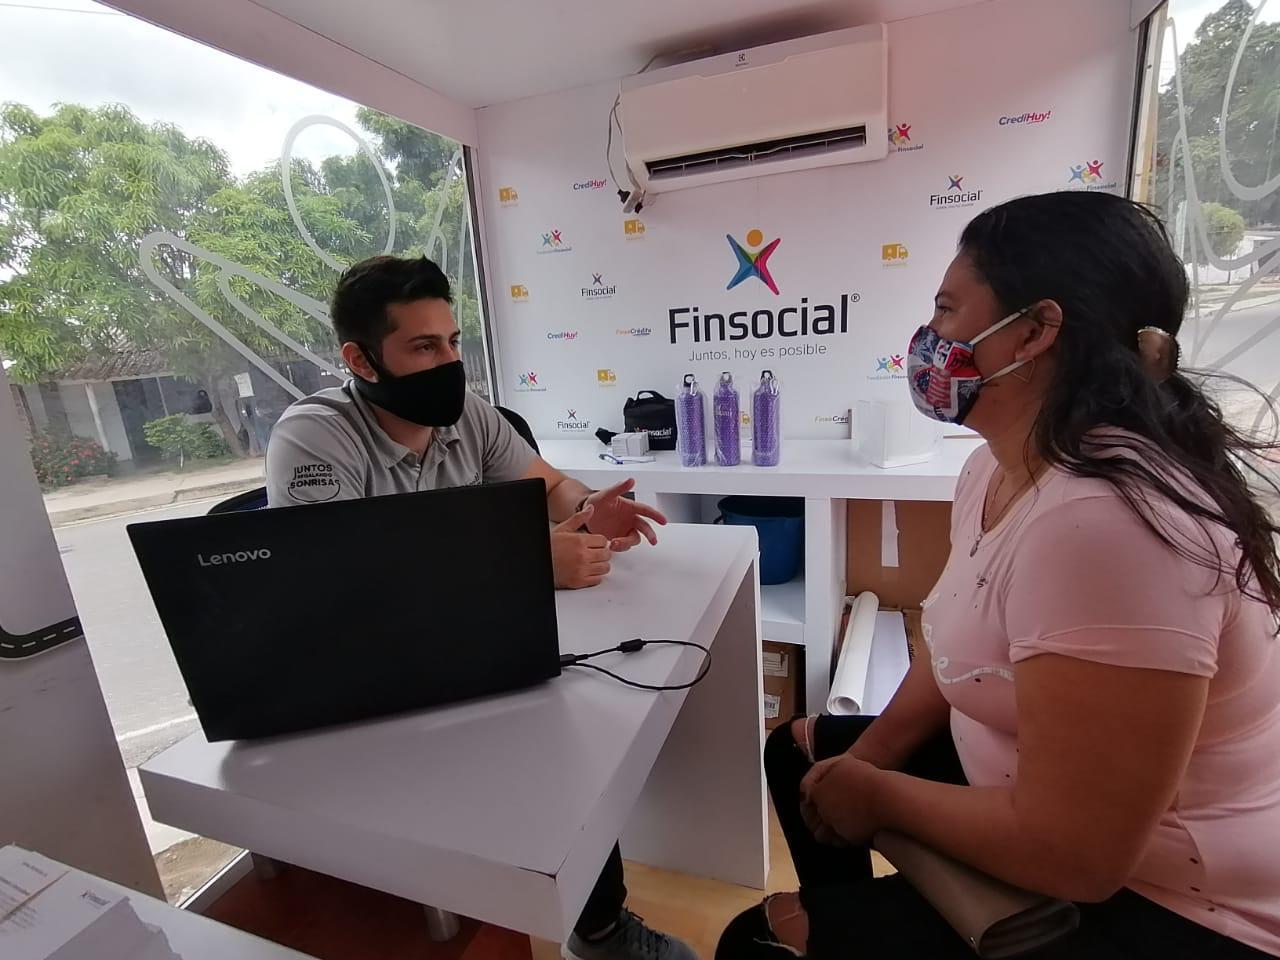 Finsocial recibe $76.000 millones en fondeo para ampliar sus líneas de crédito